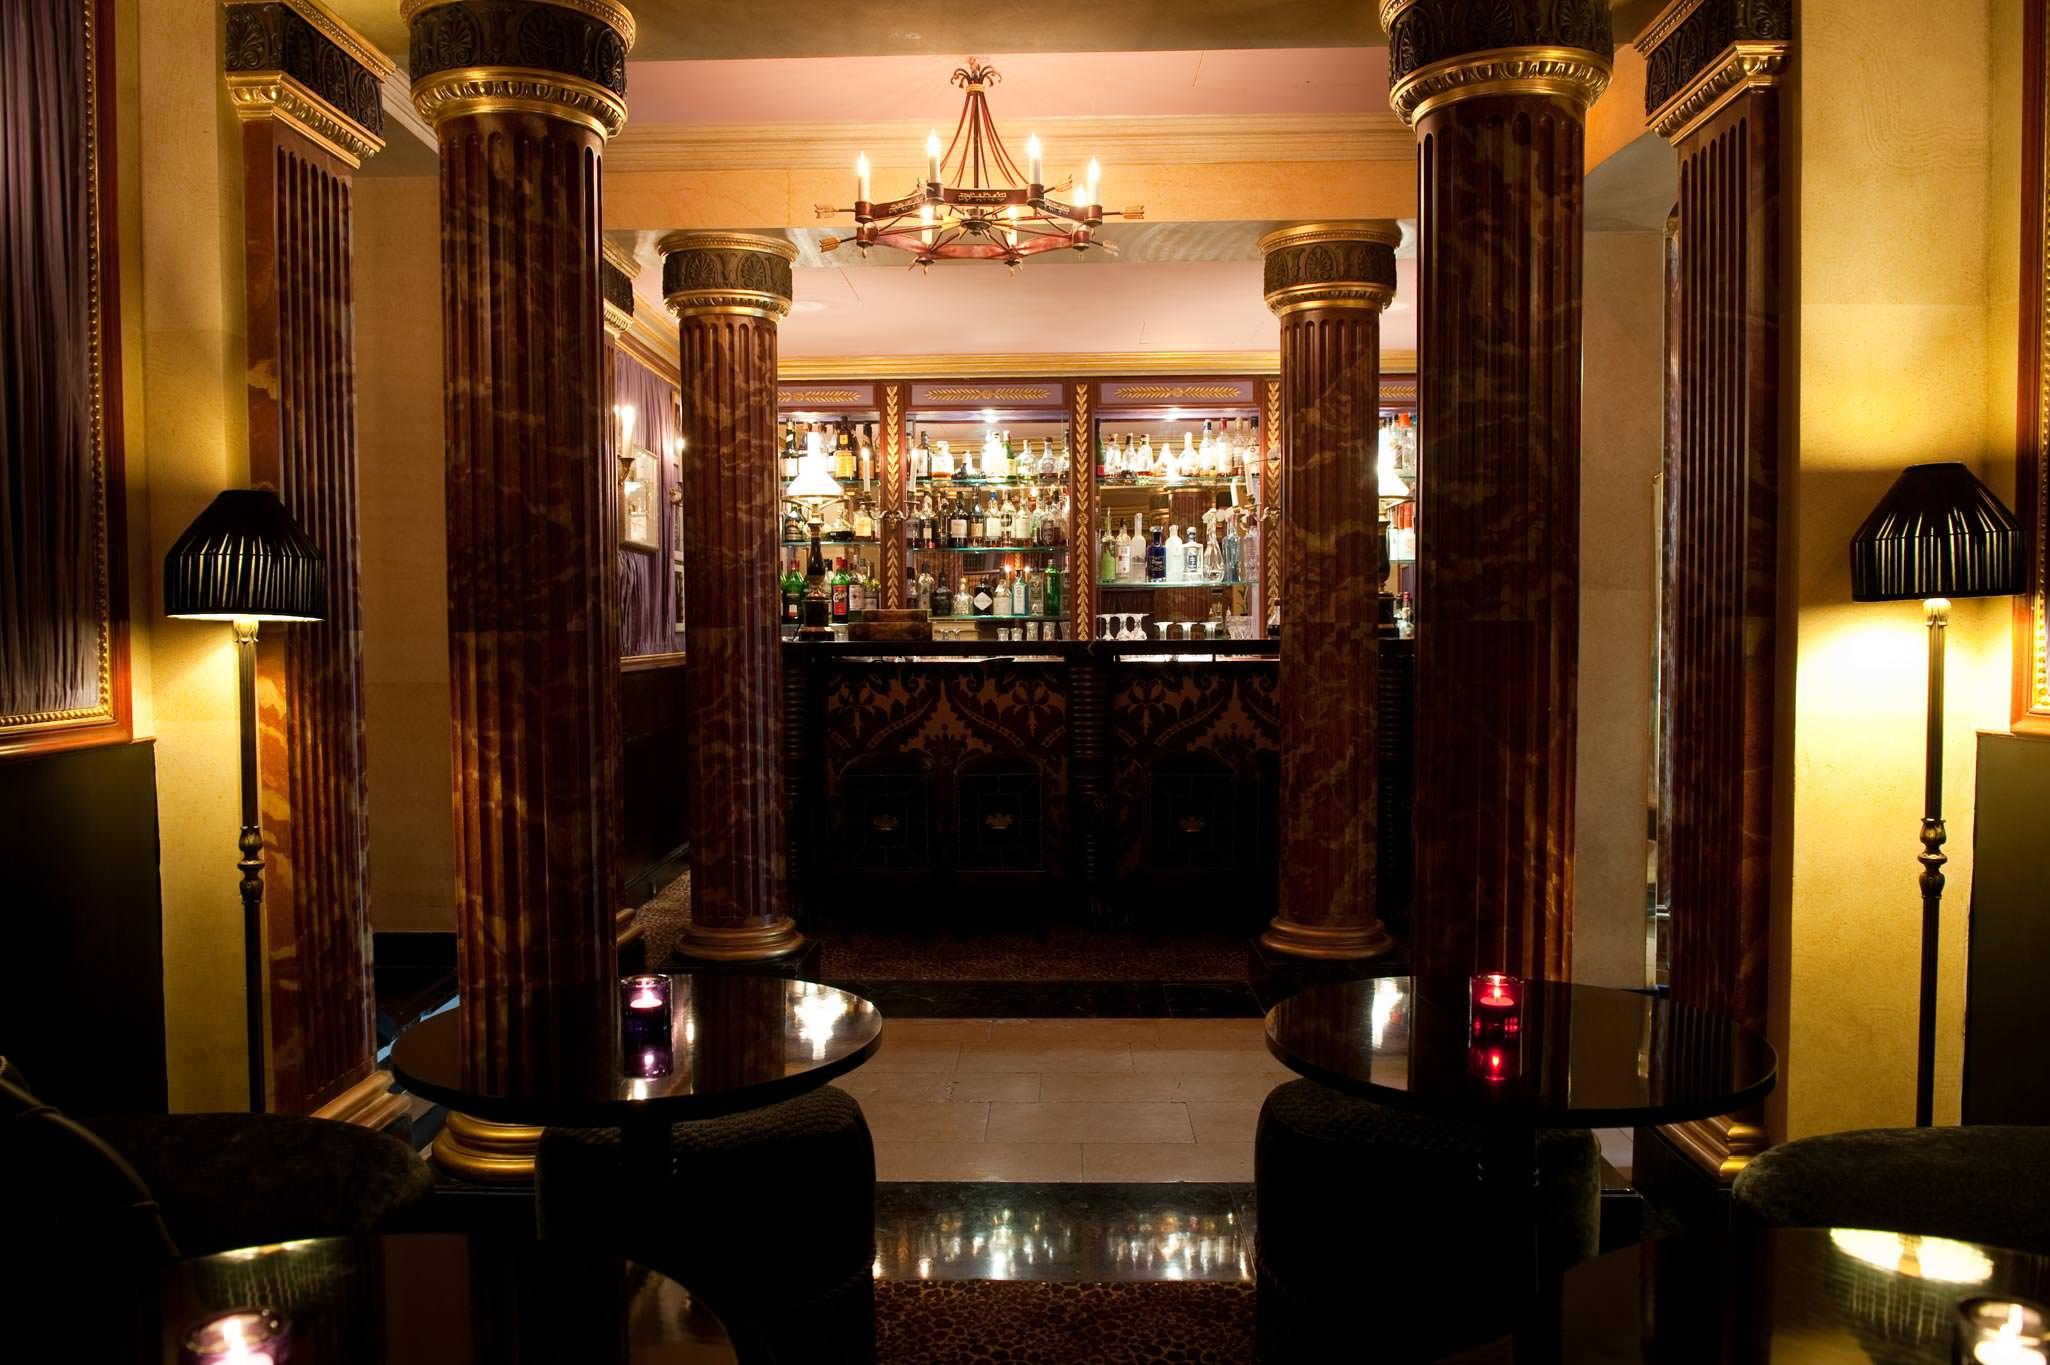 ©AmyMurrell  Tilda Swinton à L'Hôtel  Rue des Beaux-Arts, l'inclassable Hôtel, quartier général des artistes depuis toujours, d'Oscar Wilde, qui y mourut ruiné, à Mistinguett – figures auxquelles l'hôtel a dédié deux suites – est aussi l'adresse parisienne de Tilda Swinton depuis une dizaine d'années. À la carte d'un bar drapé dans le velours et aux salons ultra confidentiels – l'œuvre de Jacques Garcia –, l'actrice signe l'un des cocktails phares de la maison concocté avec le barman Laurent Belay. Une potion mixant champagne, violette et citron vert baptisée The Usual, en référence à la fidélité et aux bonnes habitudes de Tilda et son Hôtel.   L'Hôtel, 13, rue des Beaux-Arts, Paris VIe, tél. 01 44 41 99 00.